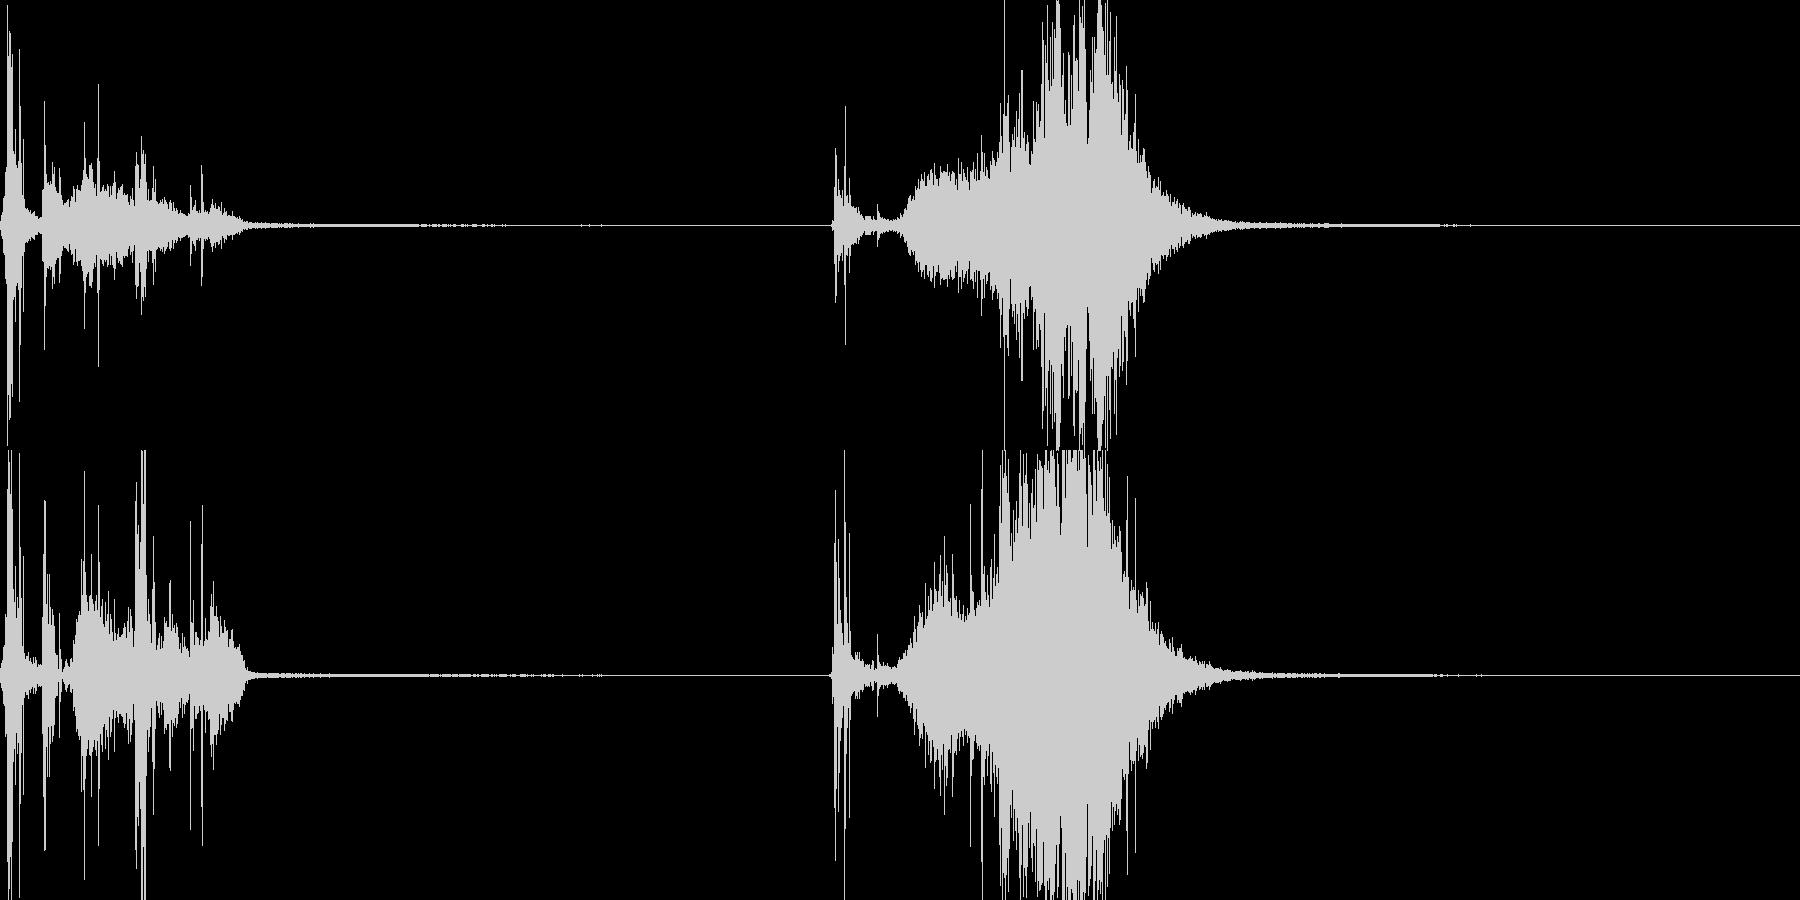 メジャー04(武器)の未再生の波形